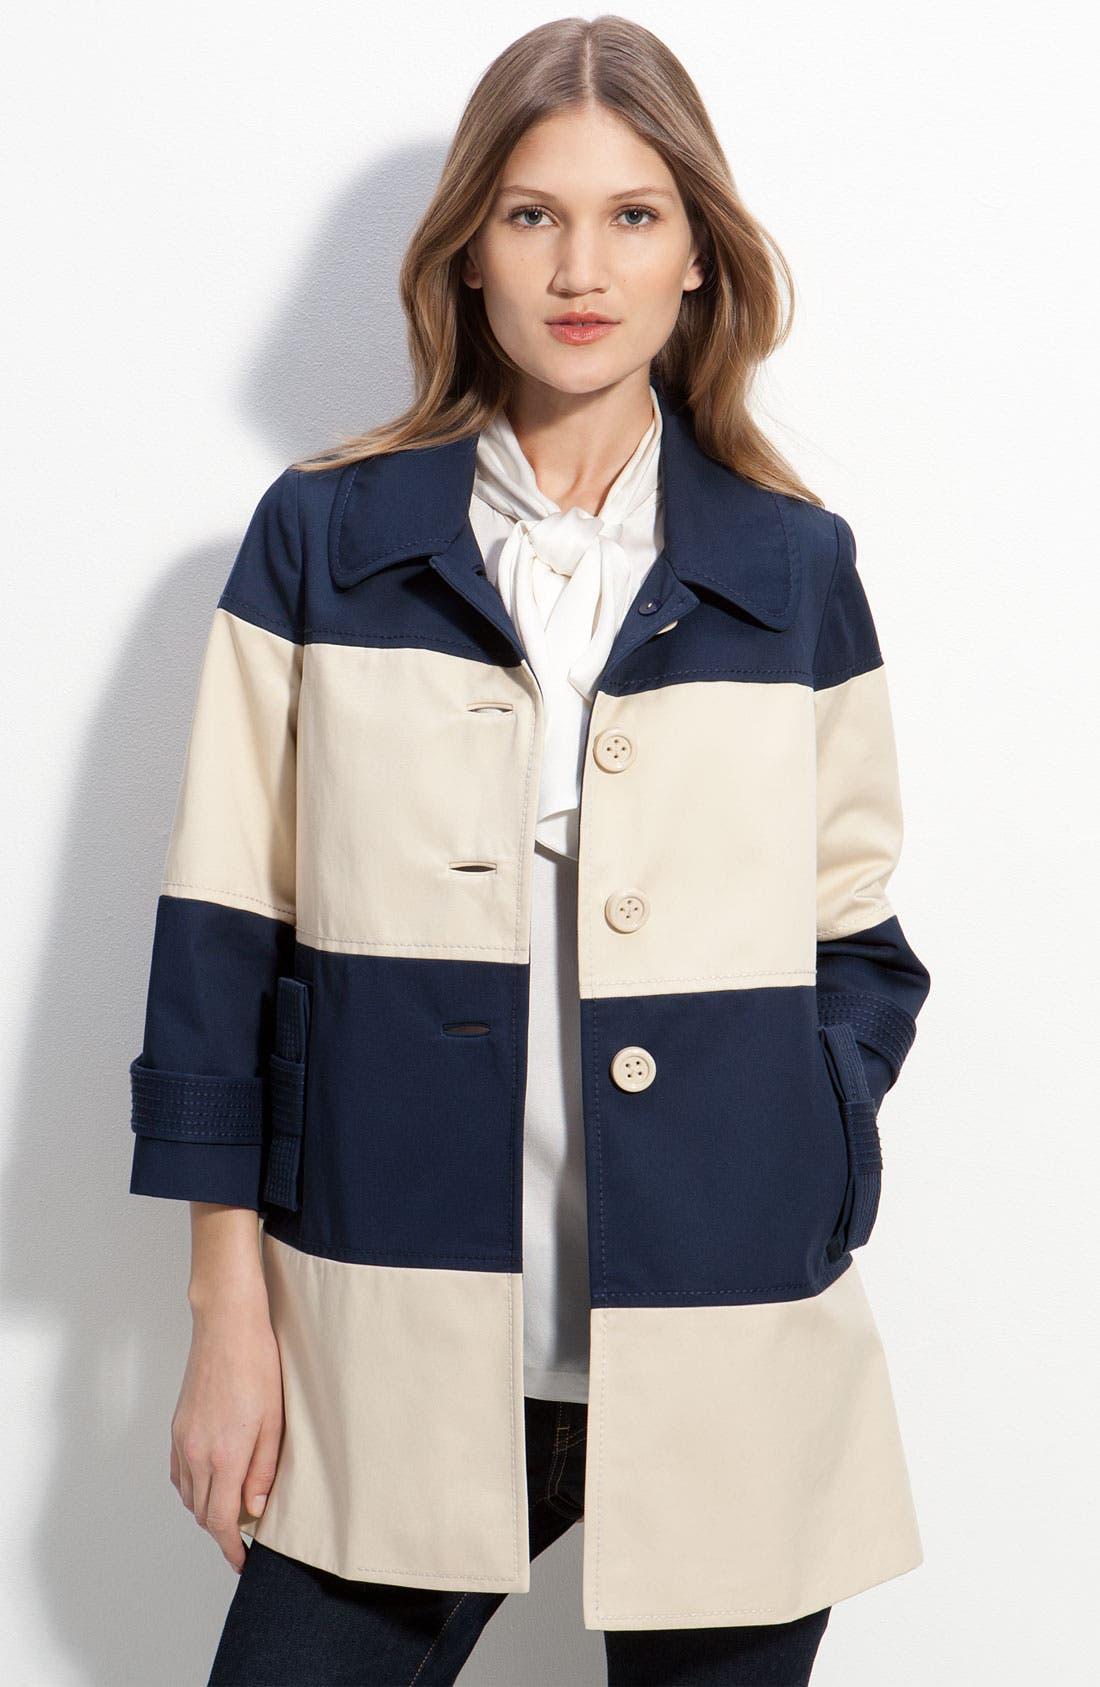 Alternate Image 1 Selected - kate spade new york 'nera' colorblock coat